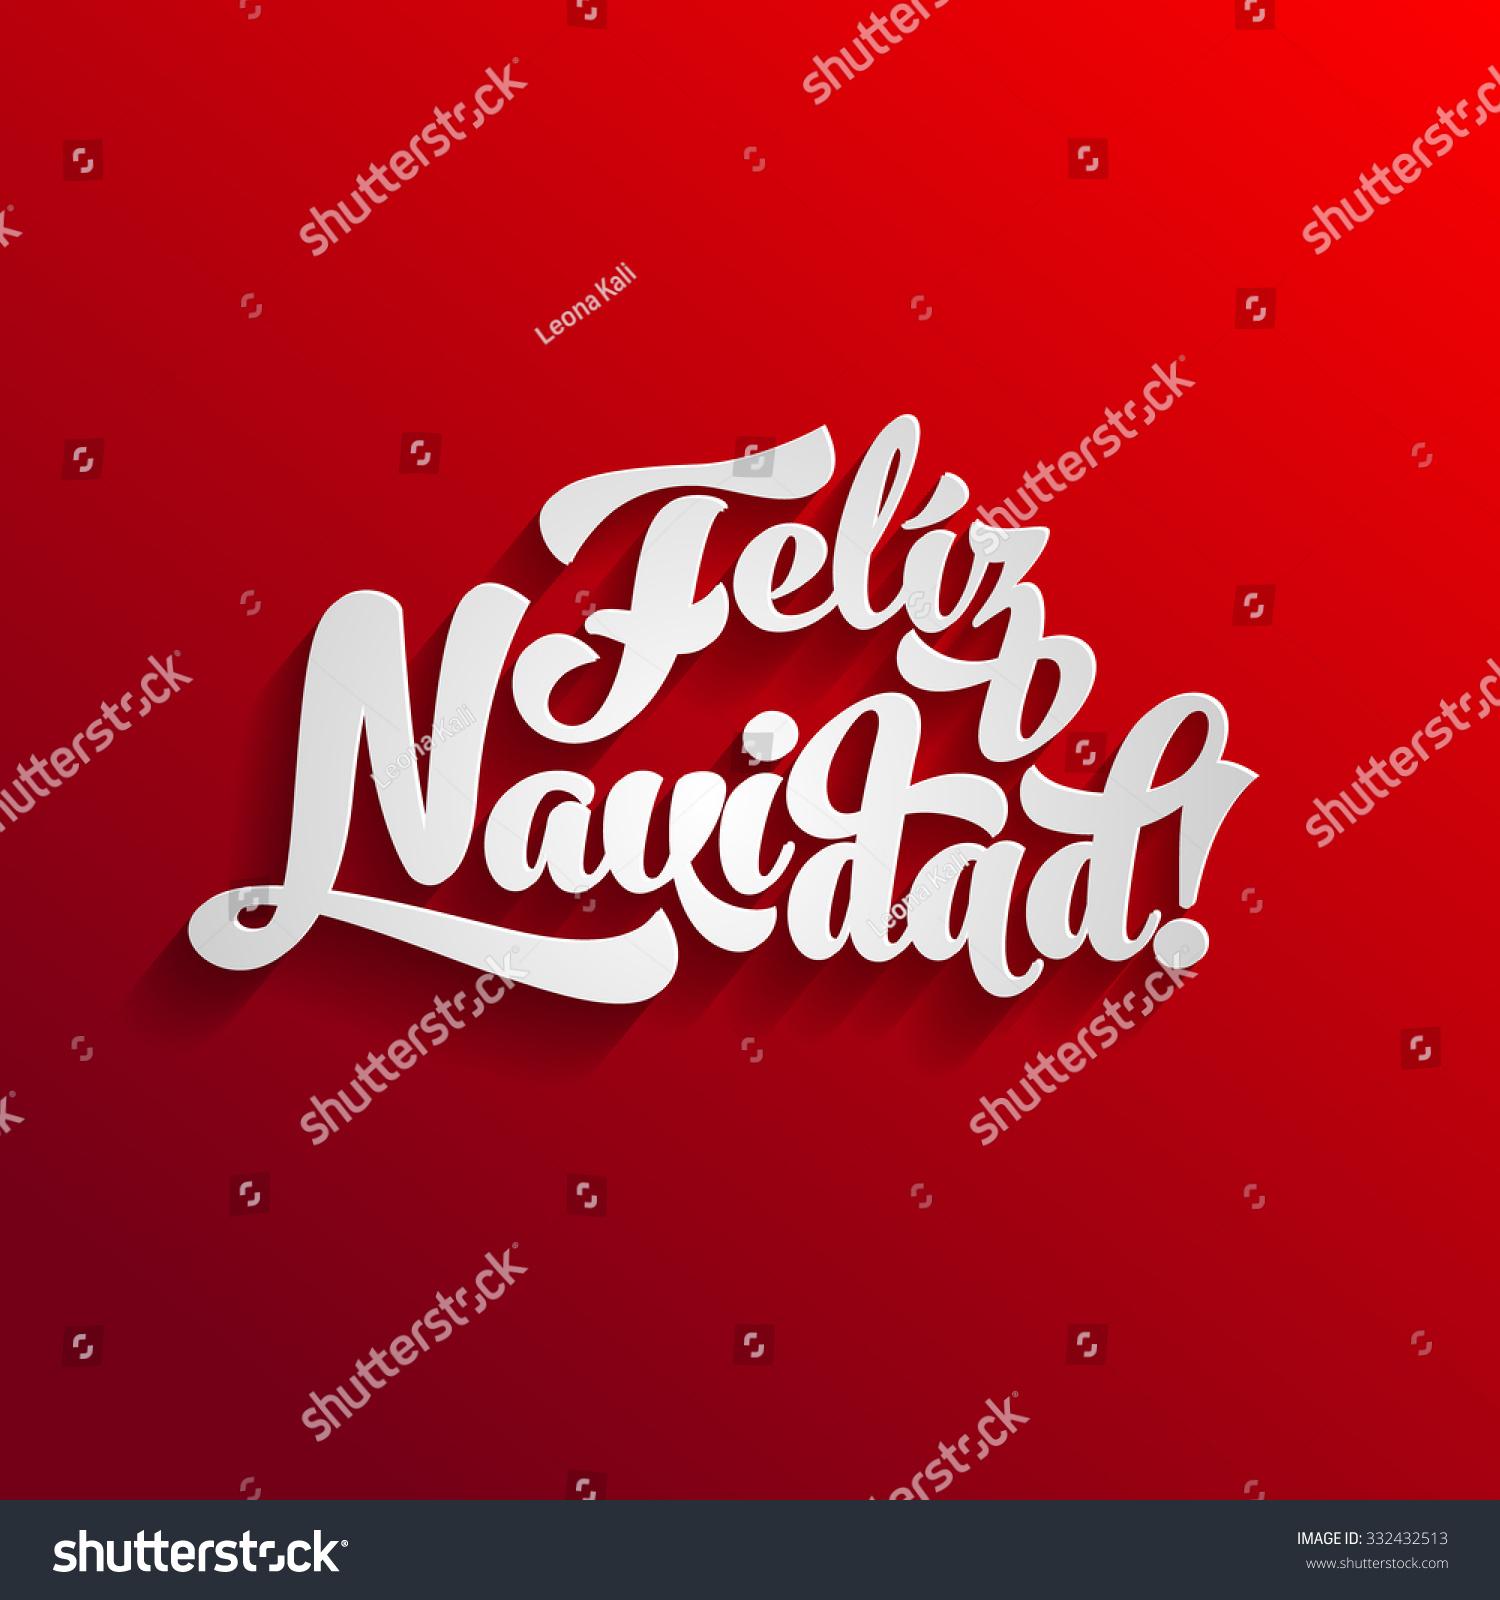 Vector merry christmas card template greetings stock vector vector merry christmas card template with greetings in spanish language feliz navidad kristyandbryce Images